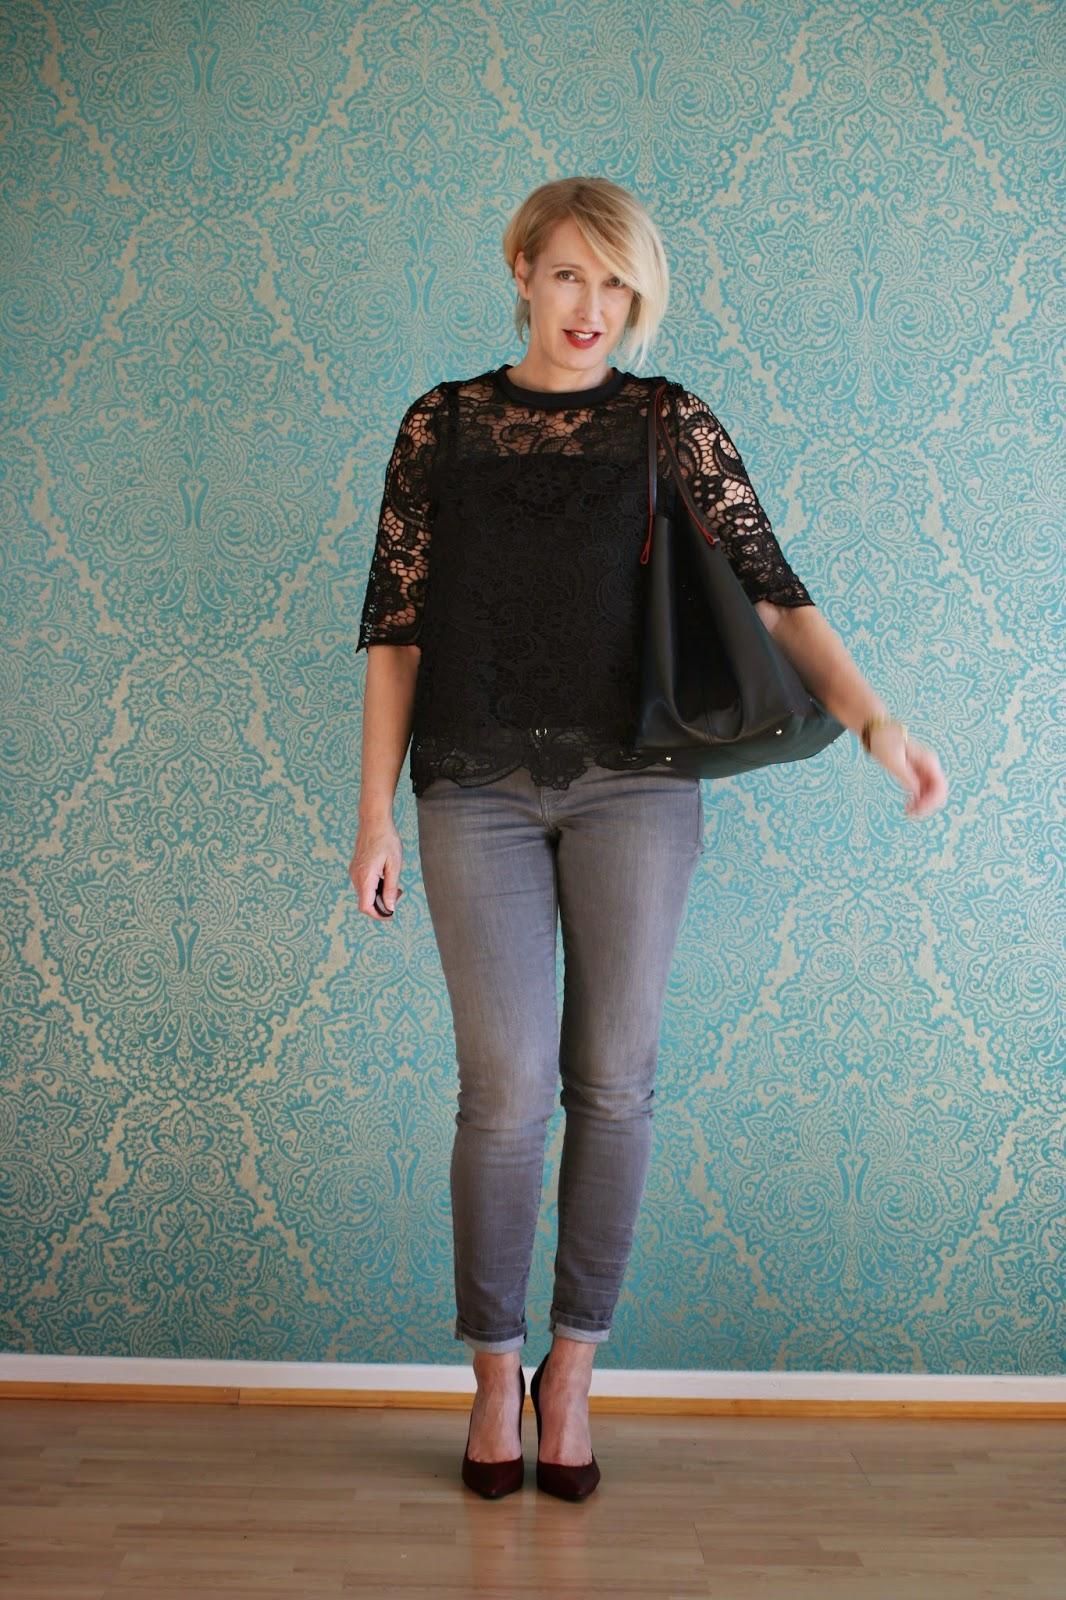 Schwarzes Spitzentop mit Jeans kombiniert